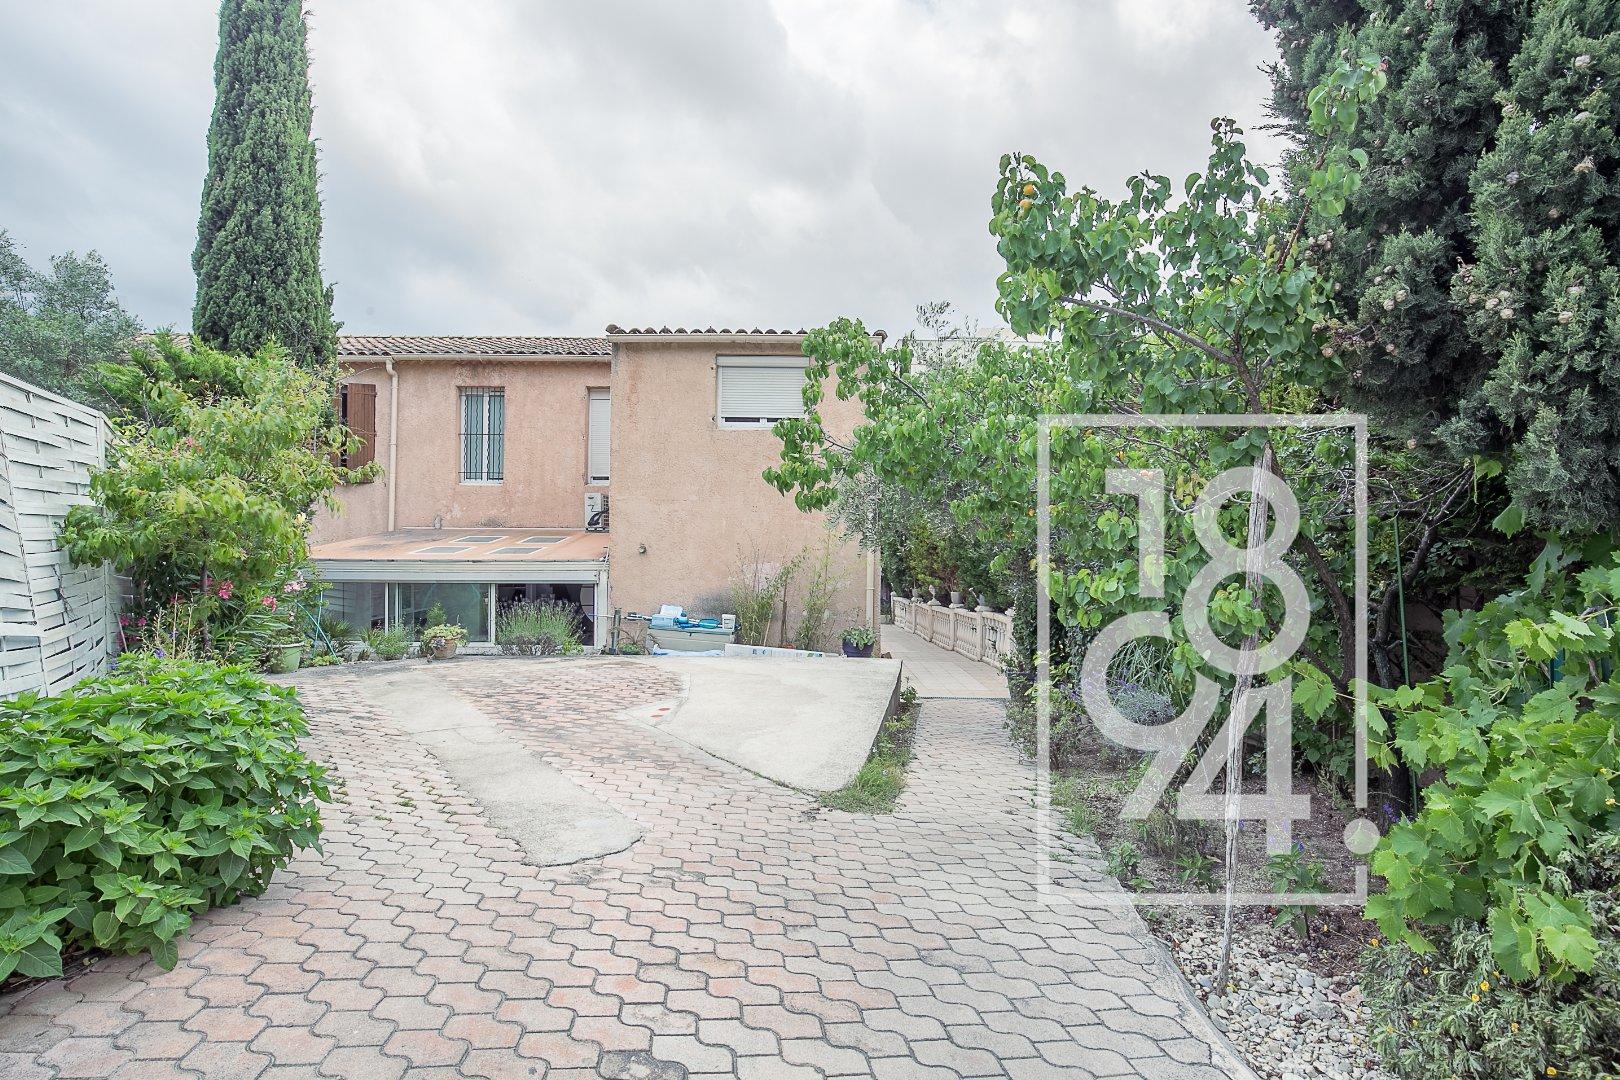 Maison 5 chambres de 145m² avec grand jardin-terrasse